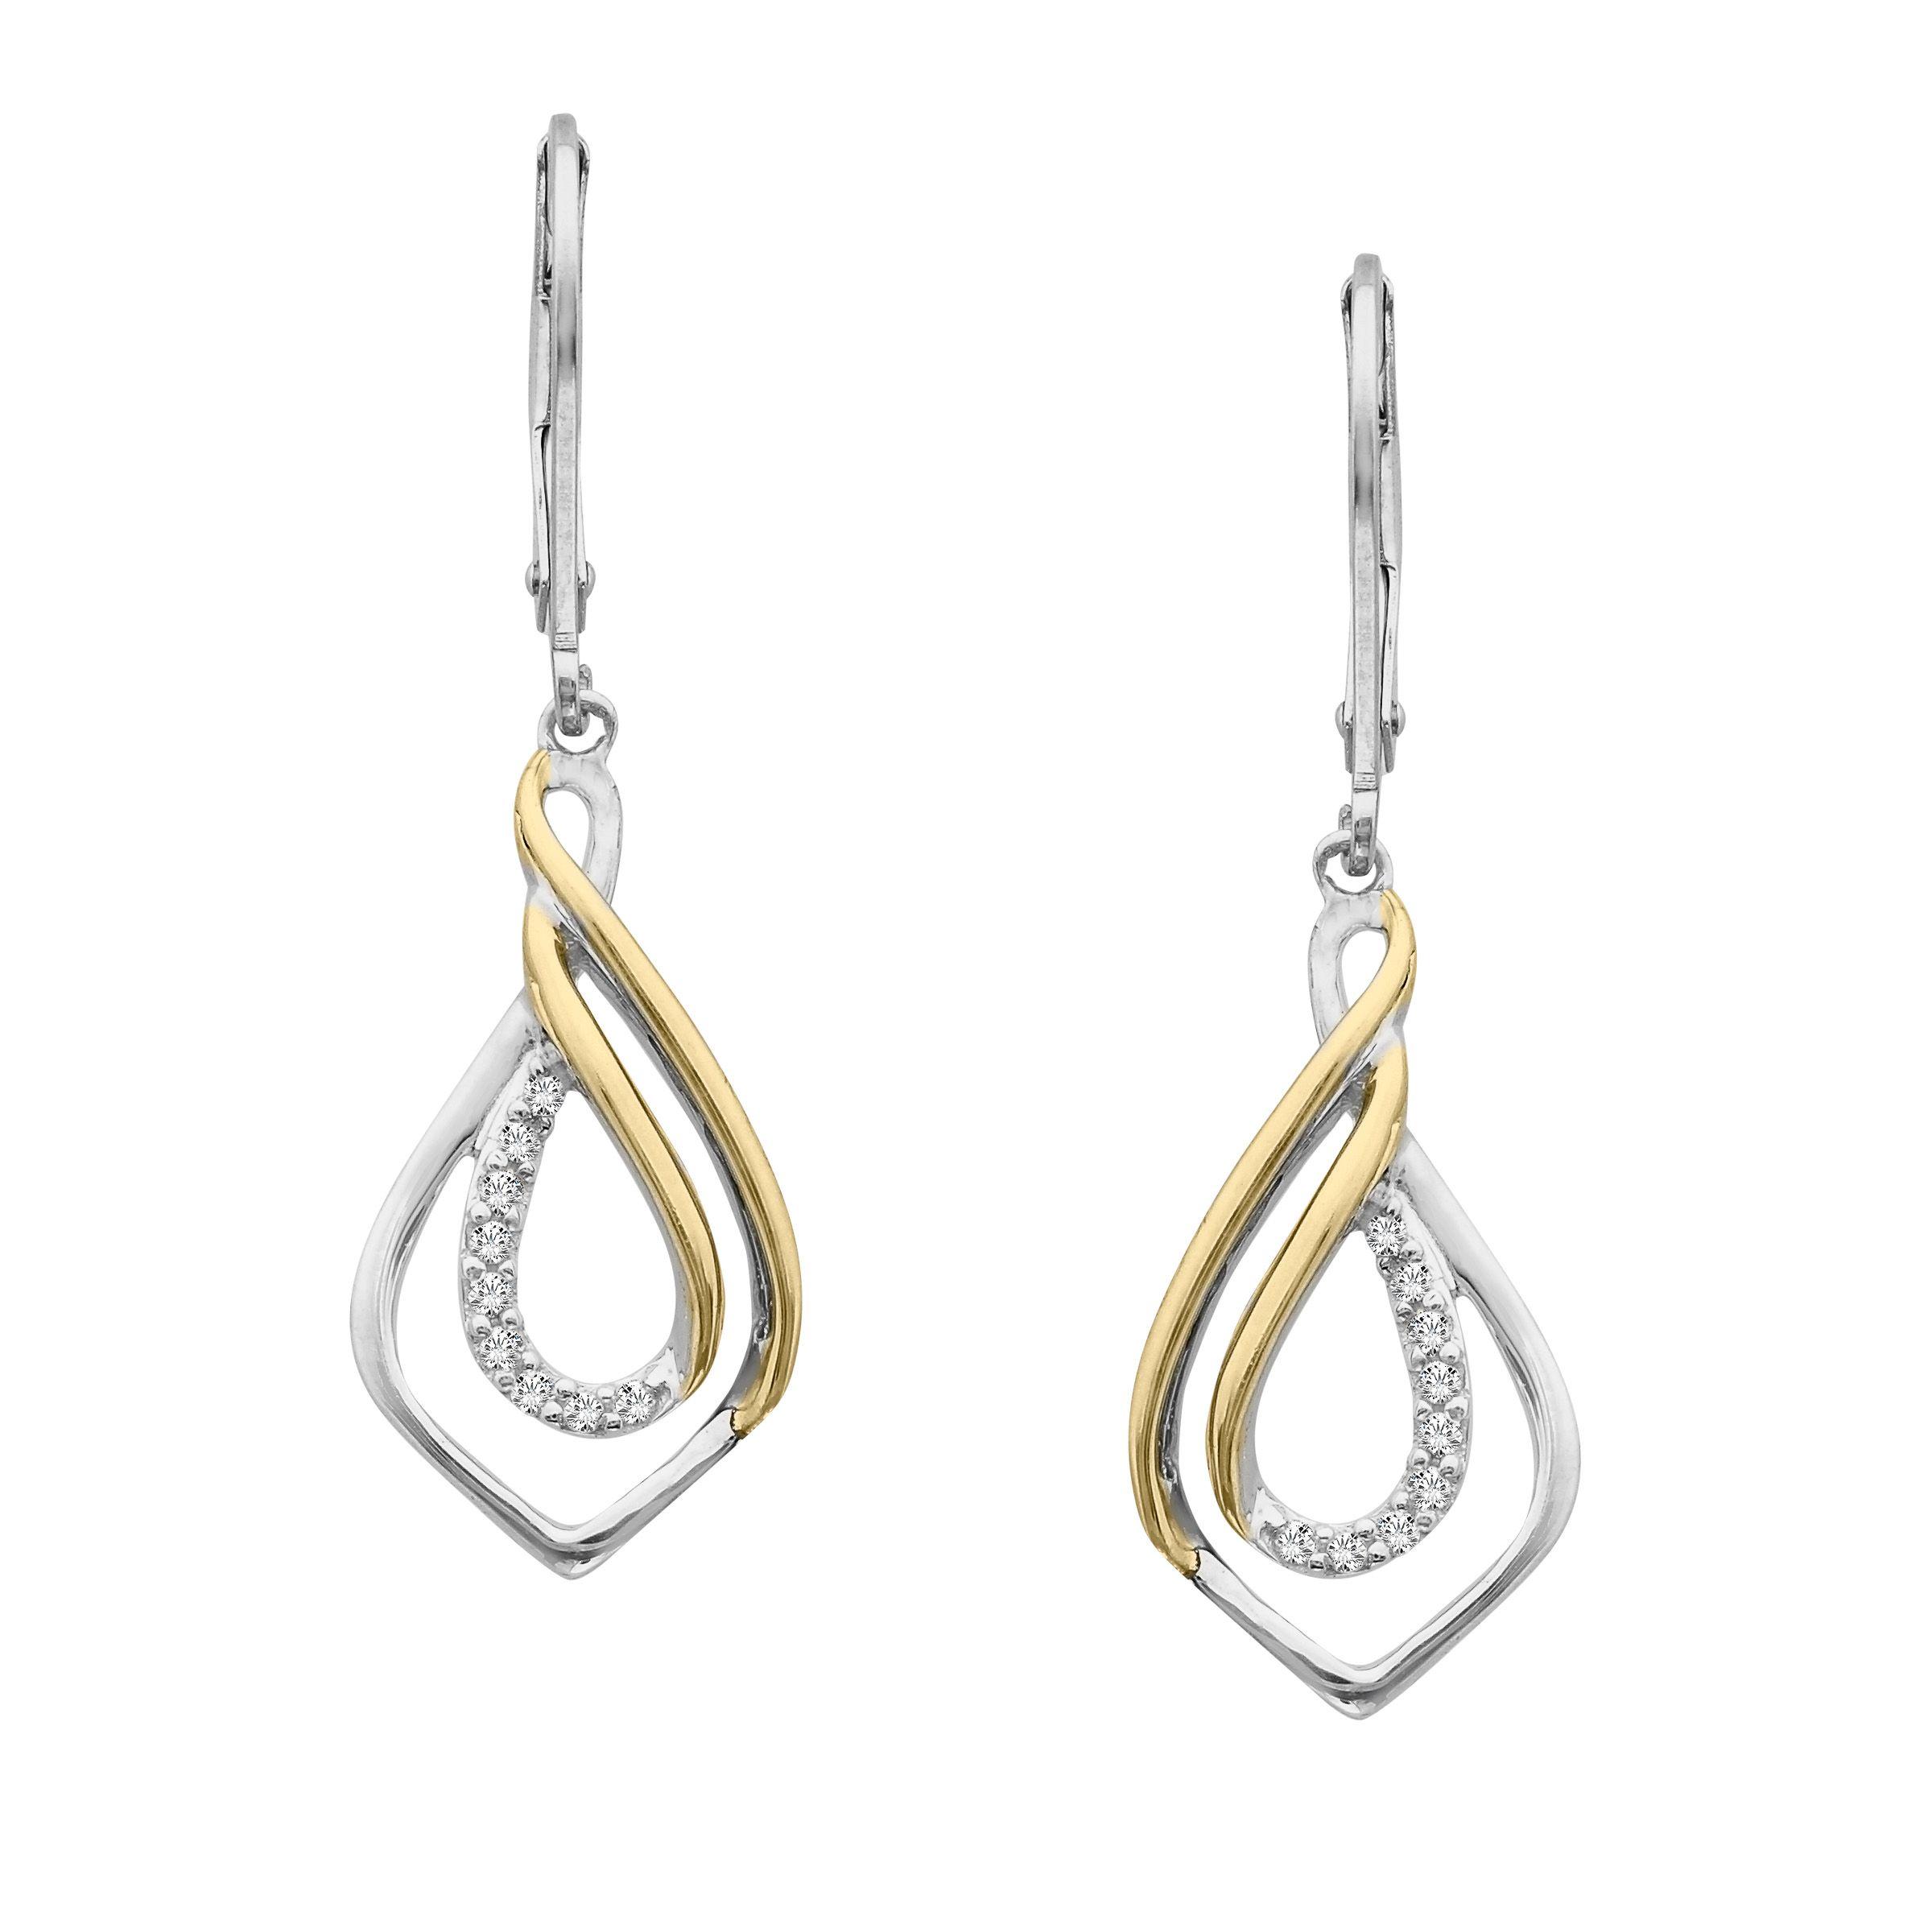 ct diamond drop earrings in sterling silver u k gold from